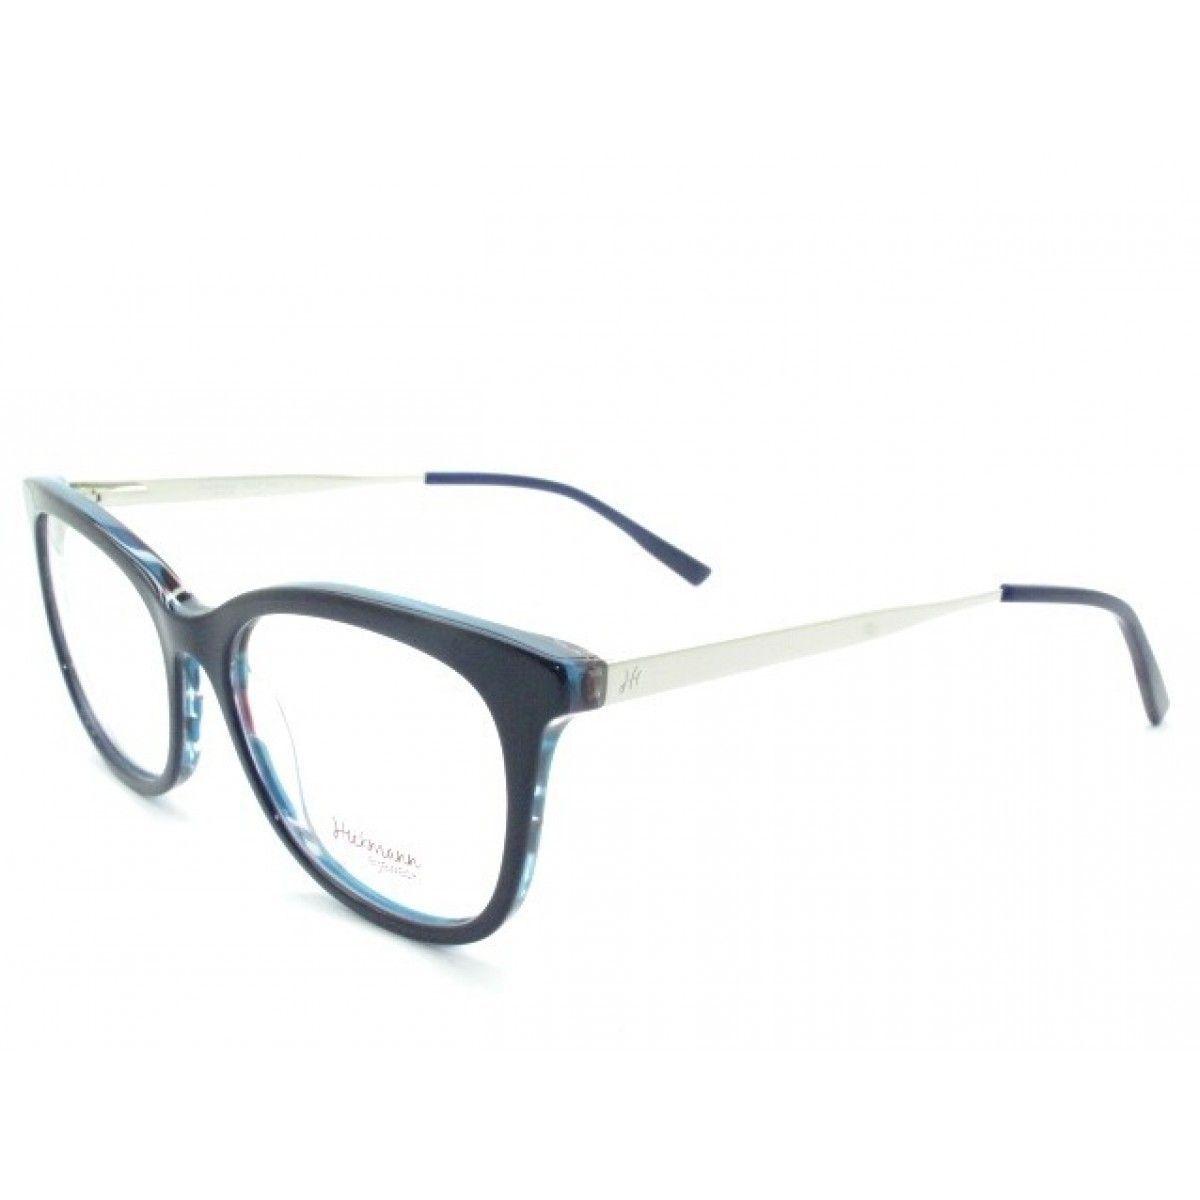 efd56383b6d14 Óculos de Grau Ana Hickmann HI6079-H02